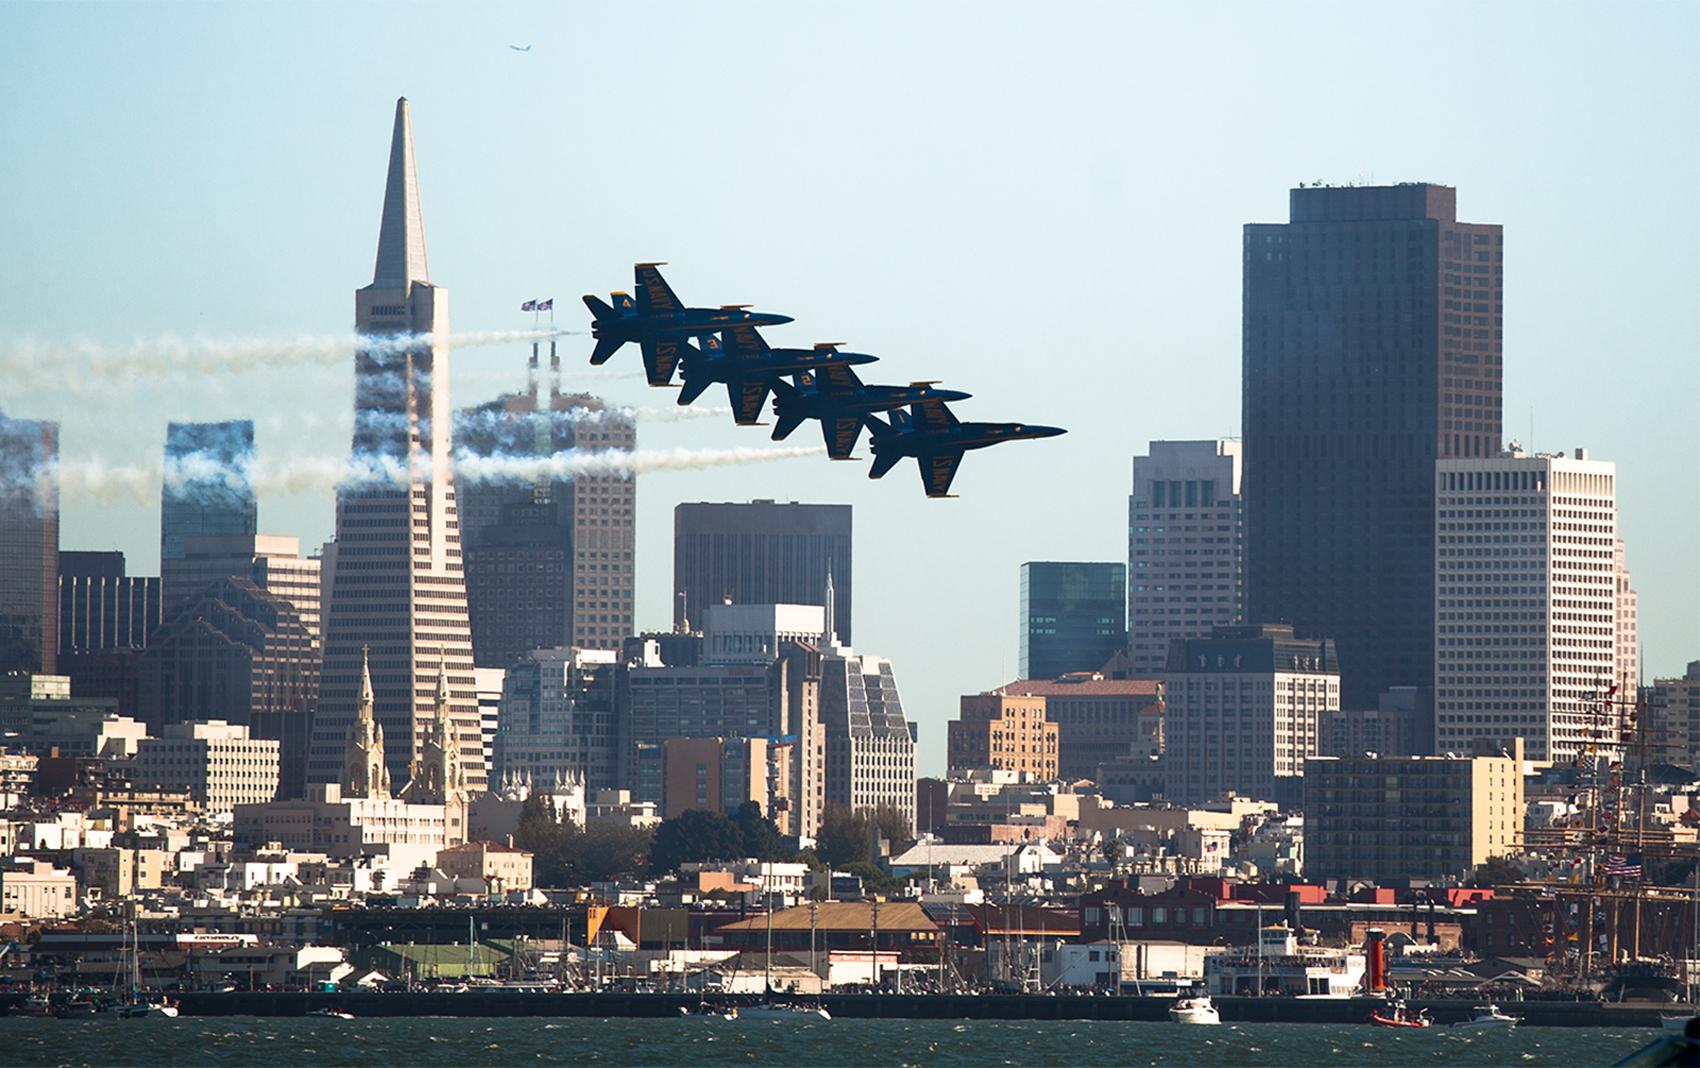 Annual Air Show, San Francisco